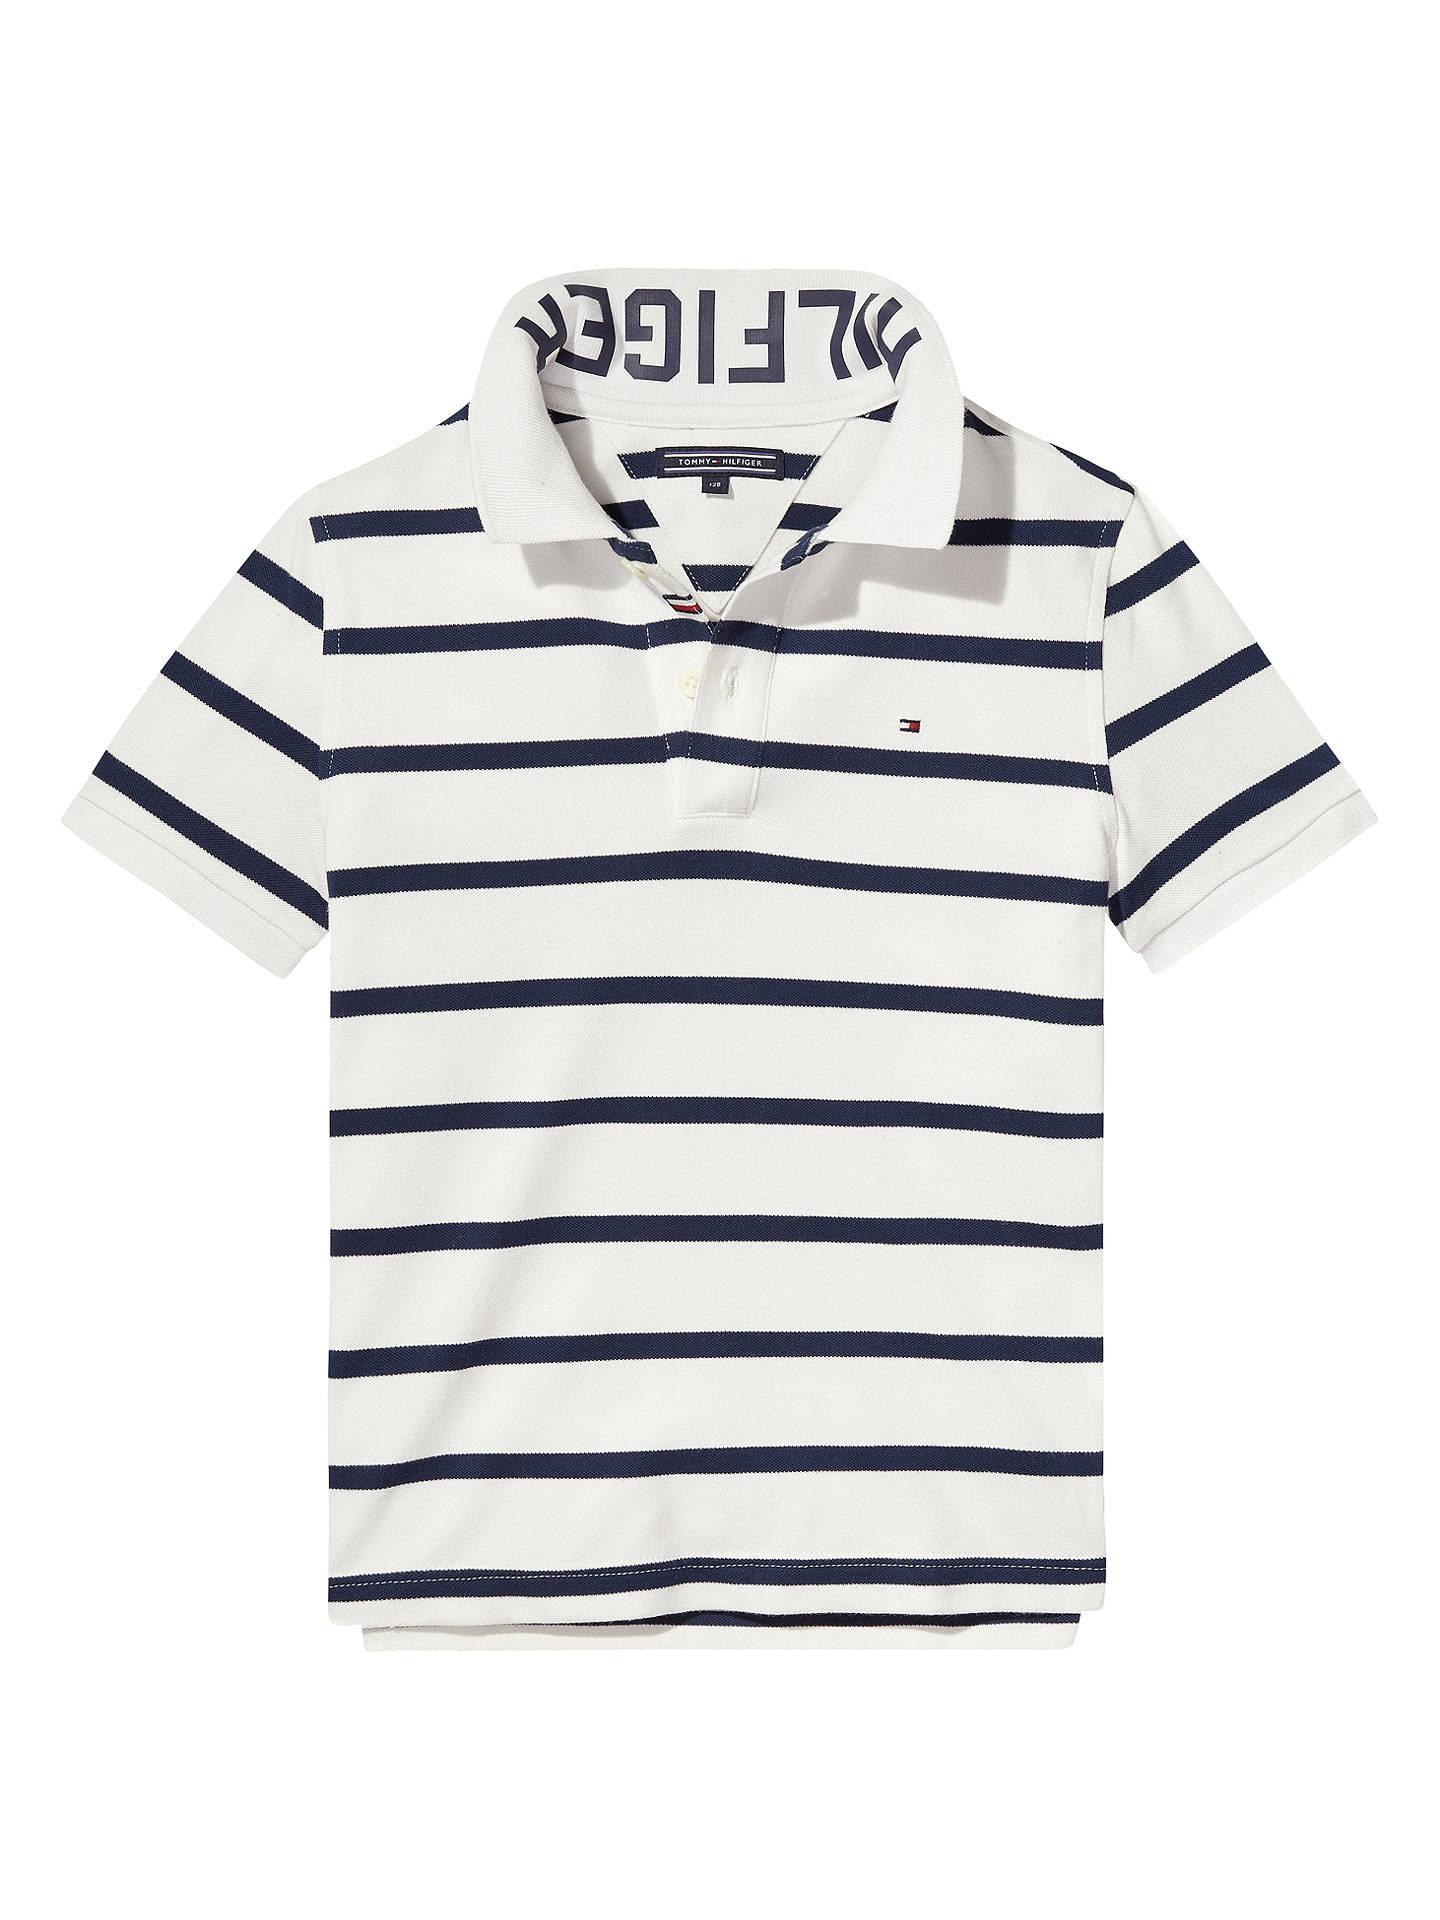 Tommy Hilfiger Mens Dress Shirt Size Chart Lauren Goss